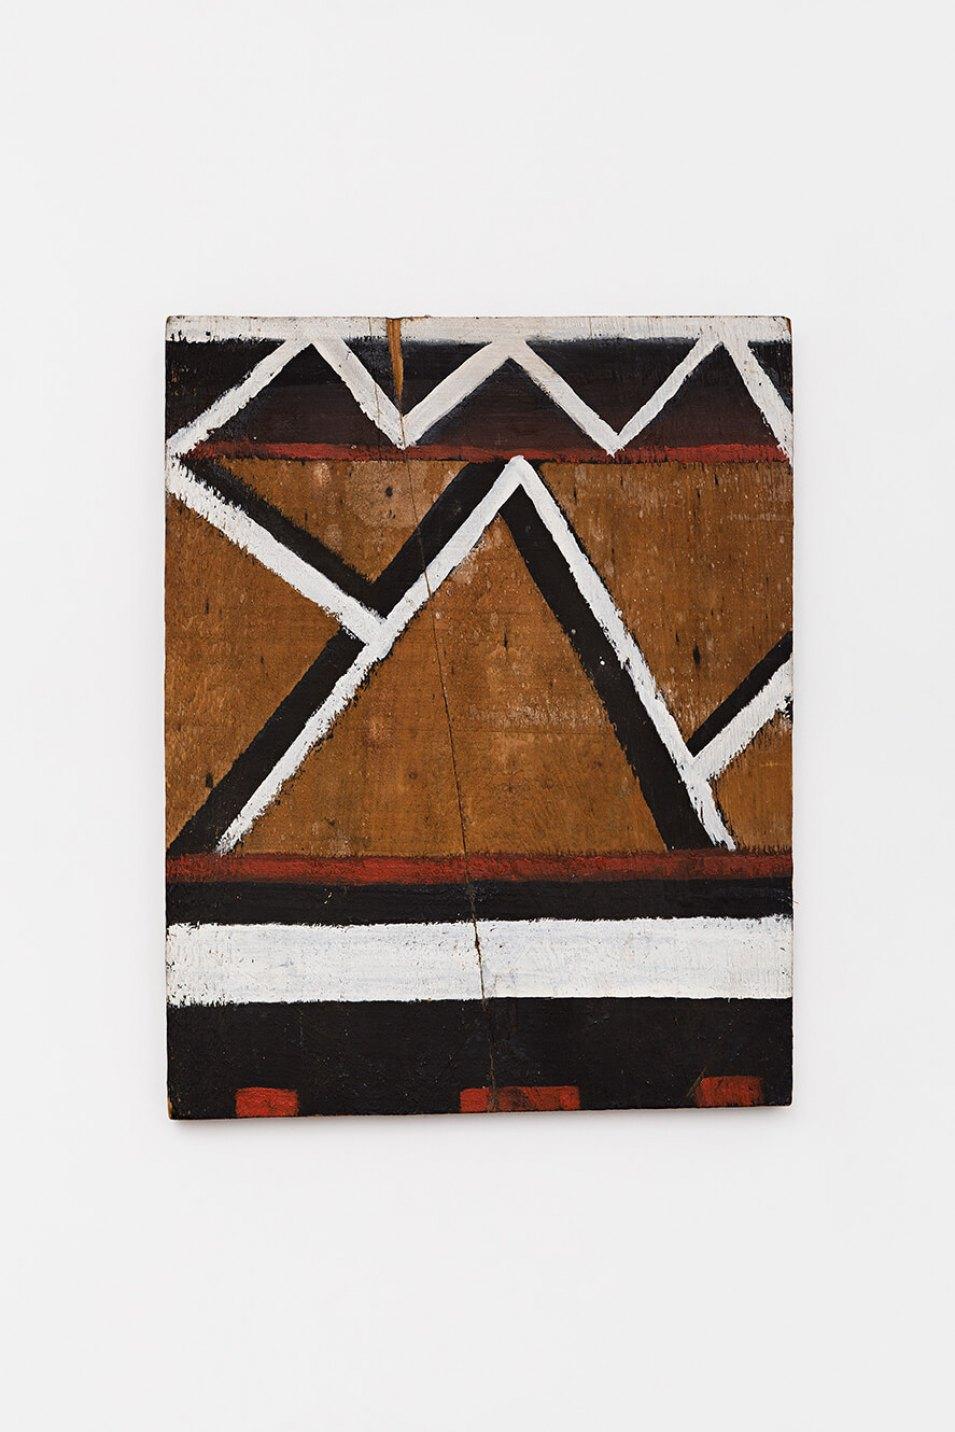 Celso Renato,<em>untitled</em>, n/a,acrylic on wood,35 × 28×3 cm - Mendes Wood DM